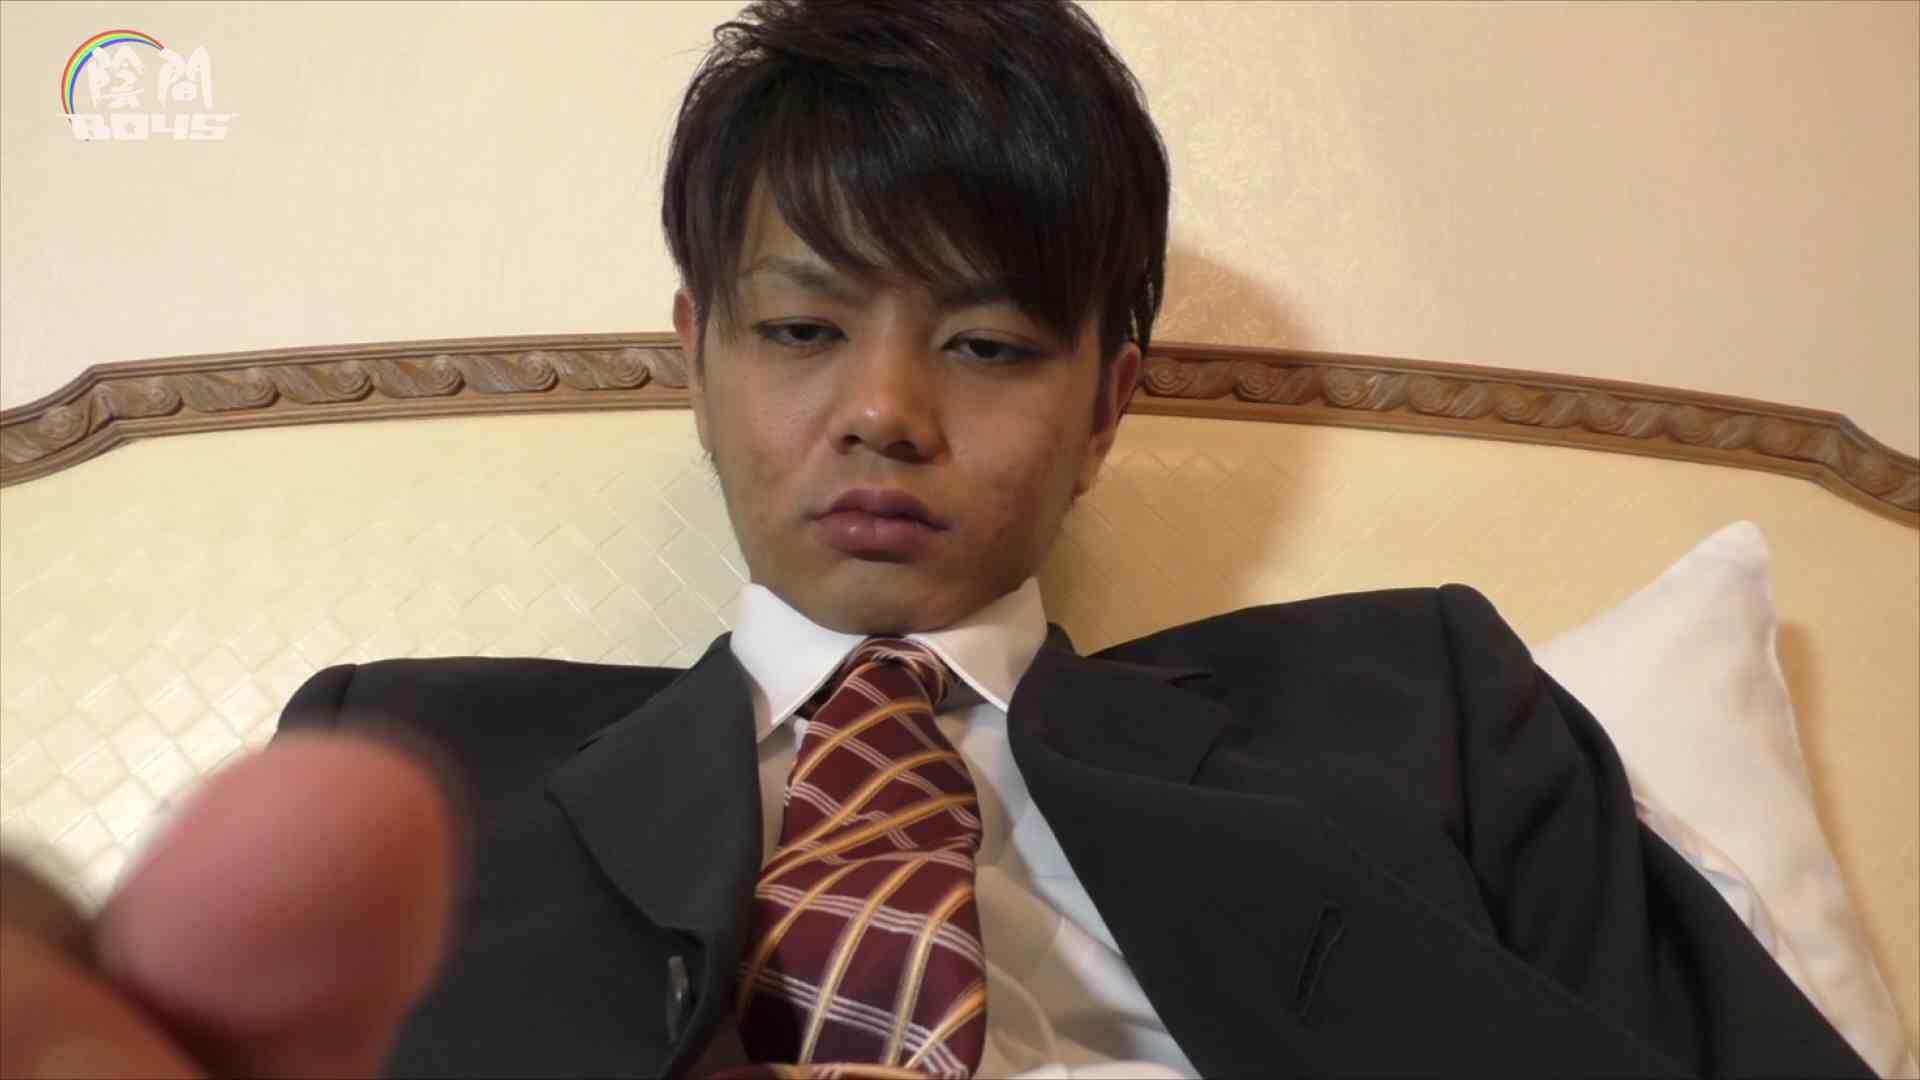 陰間BOYS~キャバクラの仕事はアナルから4 Vol.01 アナル ゲイザーメン画像 82枚 19